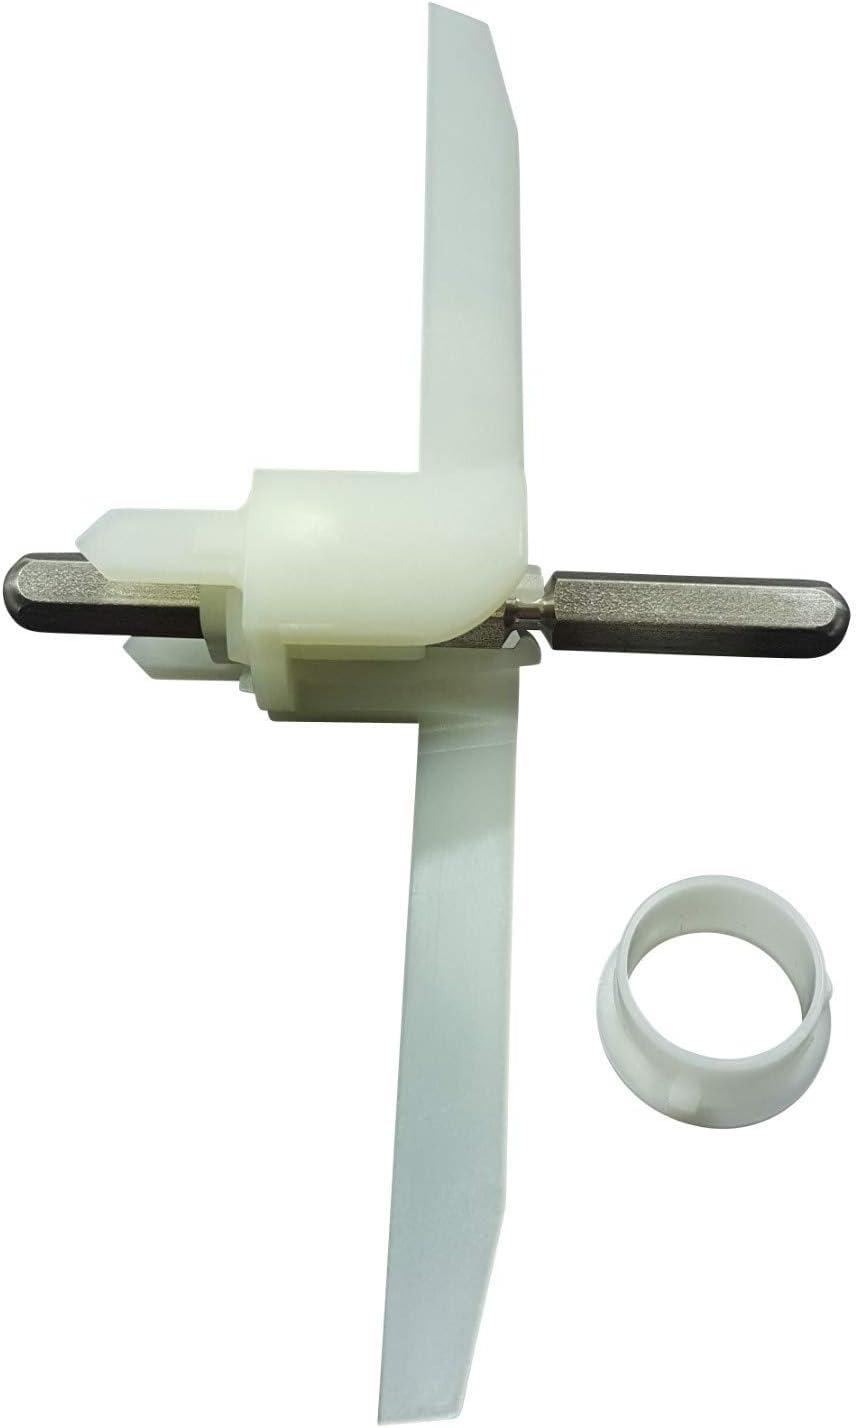 Accesorio para trituradora Bosch MUZ5VL MUZ5DS para robot de cocina MUM5 00630760 630760: Amazon.es: Hogar